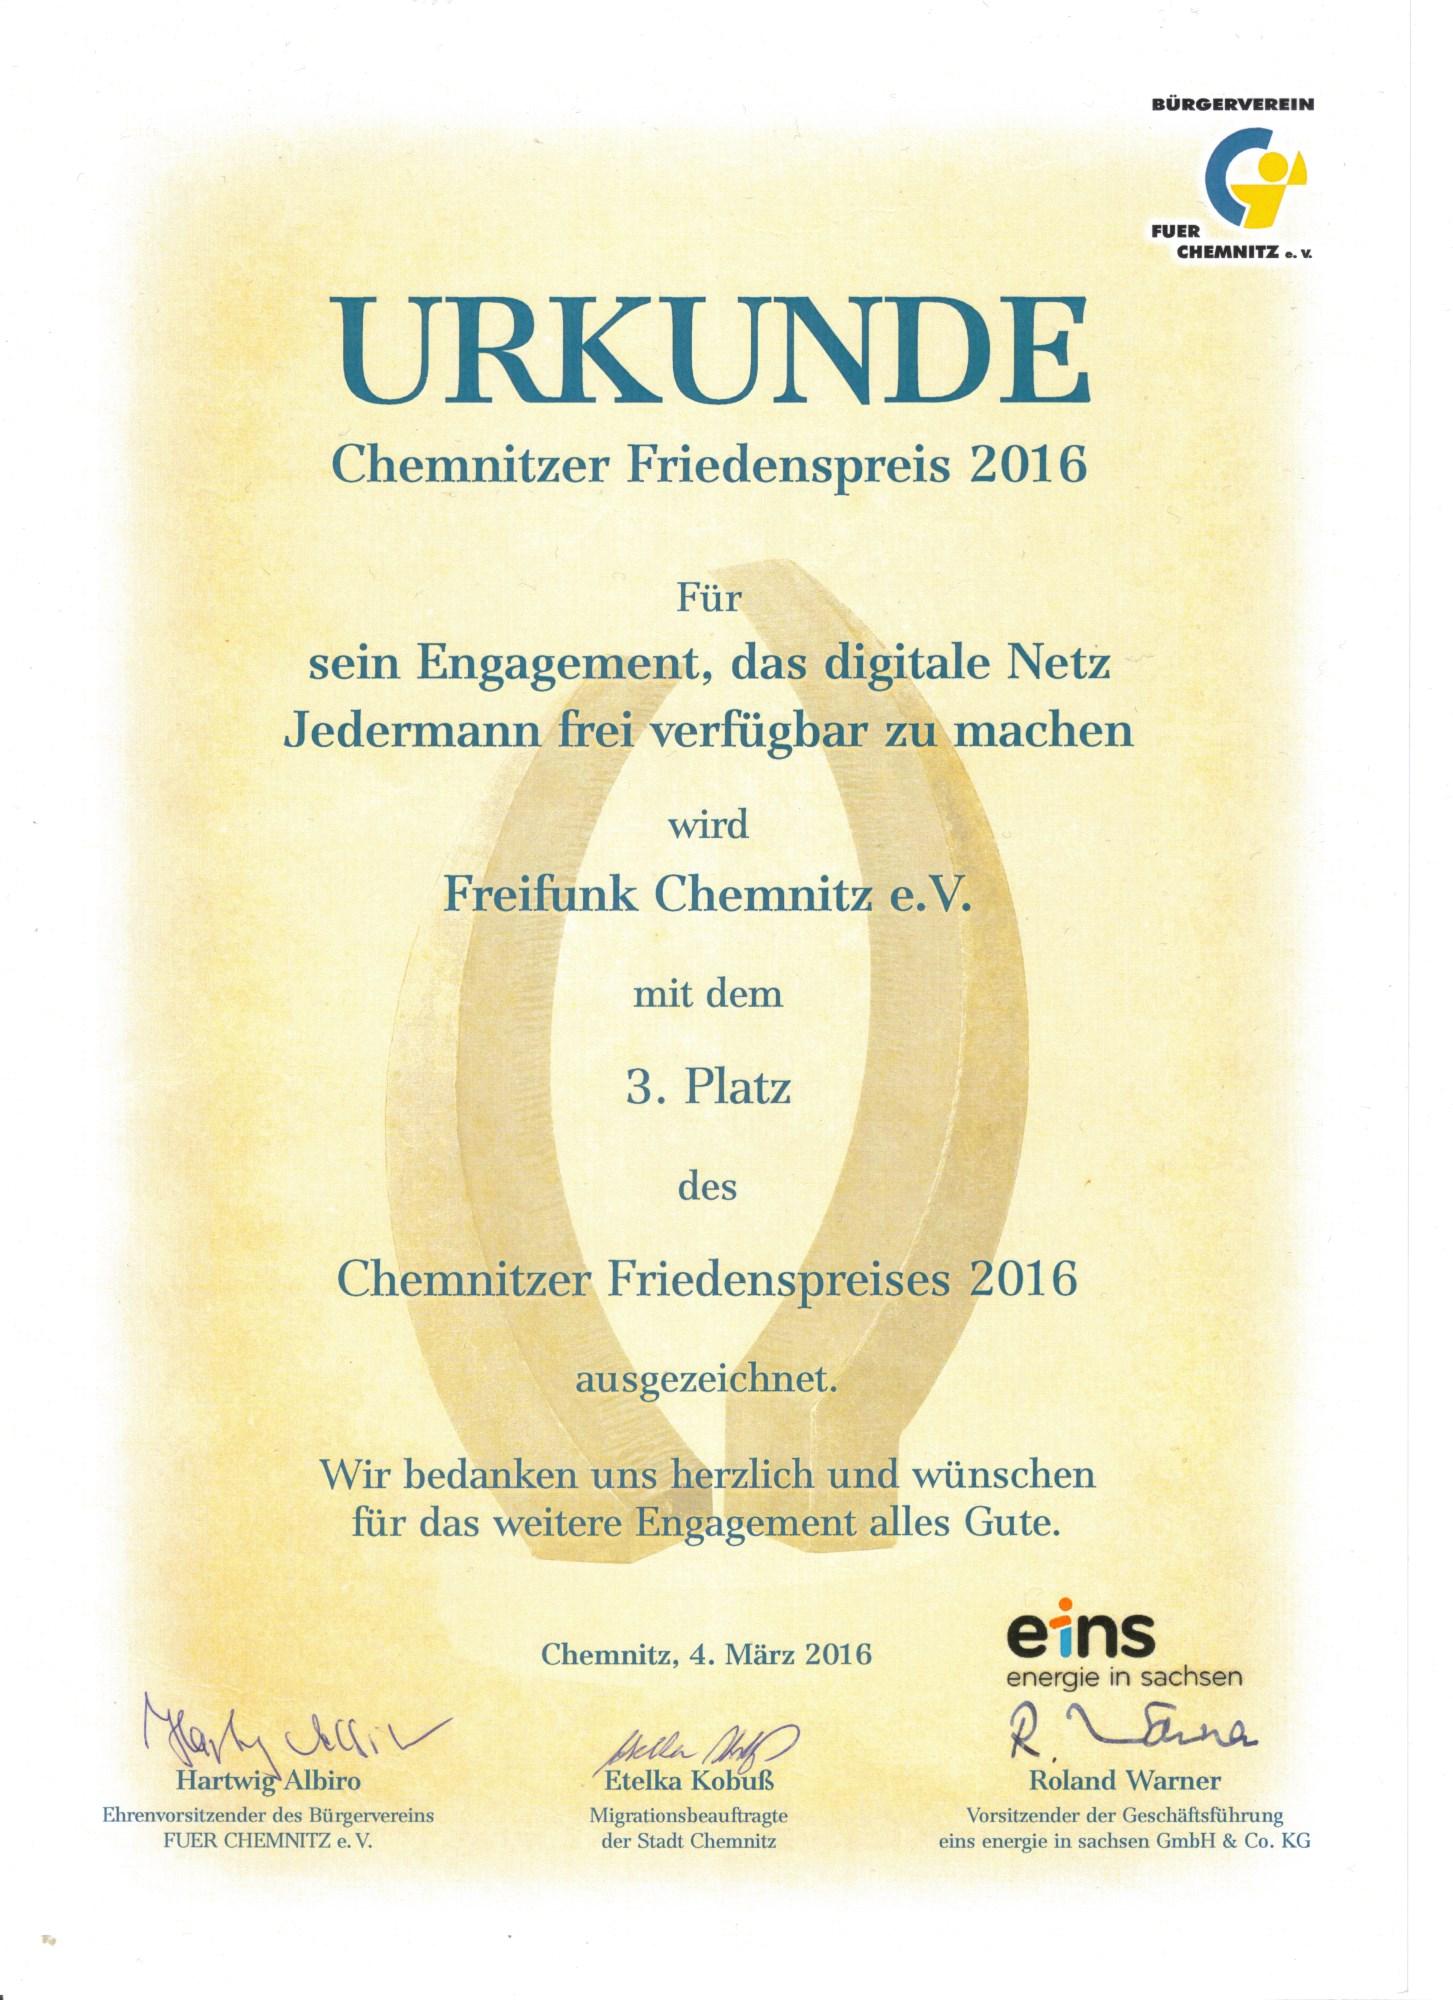 Urkunde Friedenspreis